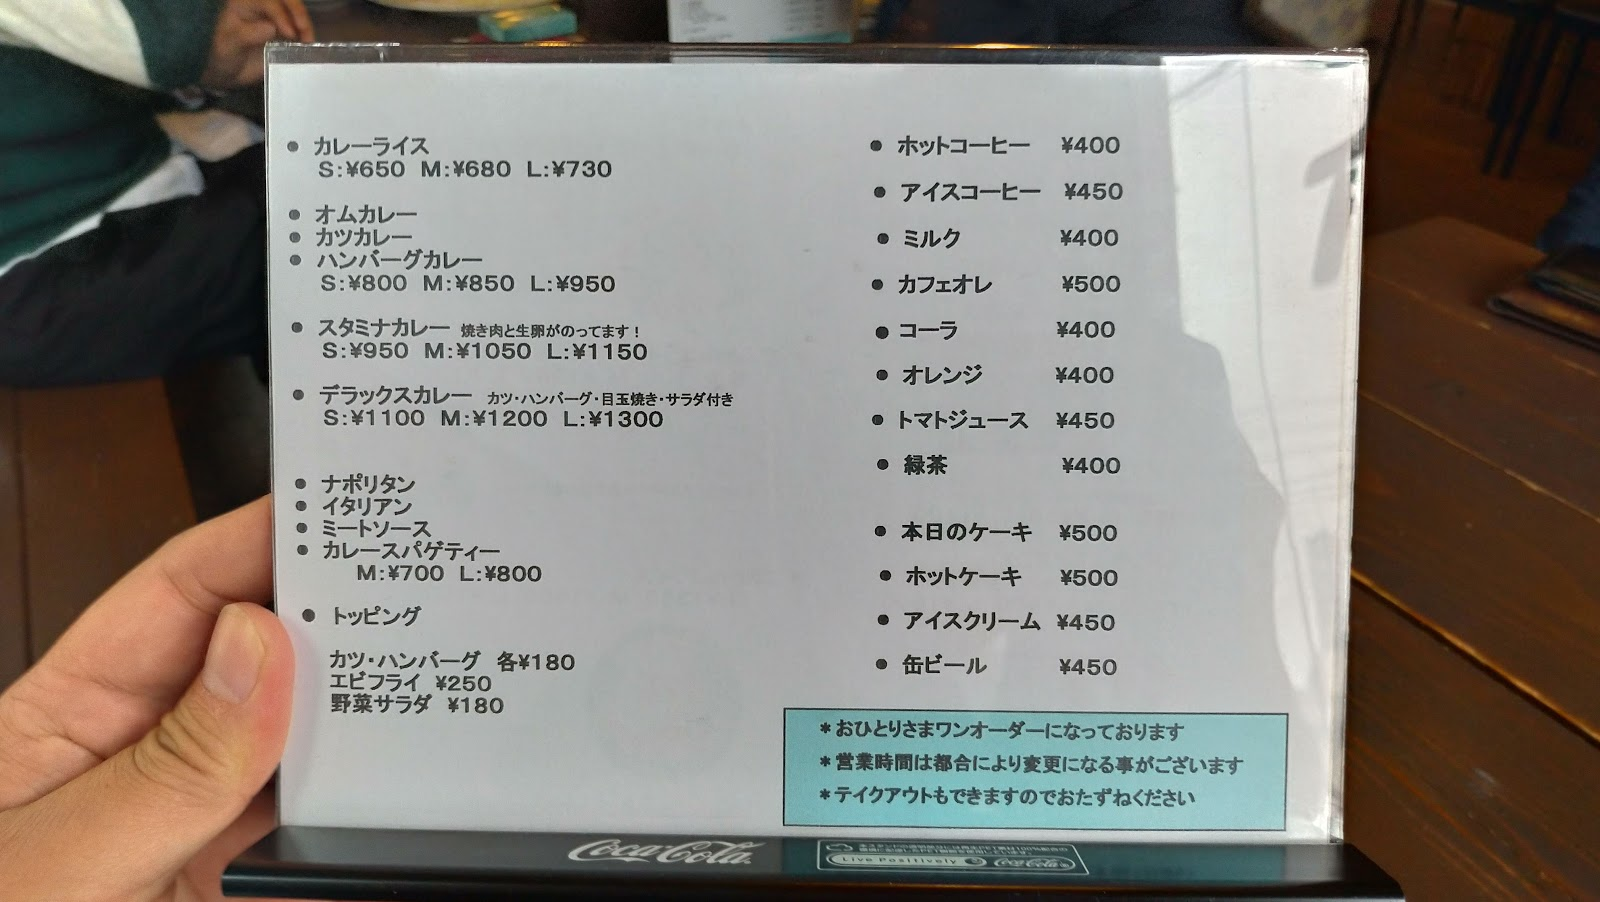 メニュー長崎市旭町「チャイルドボックス」ランチのトルコライスが超おすすめ!